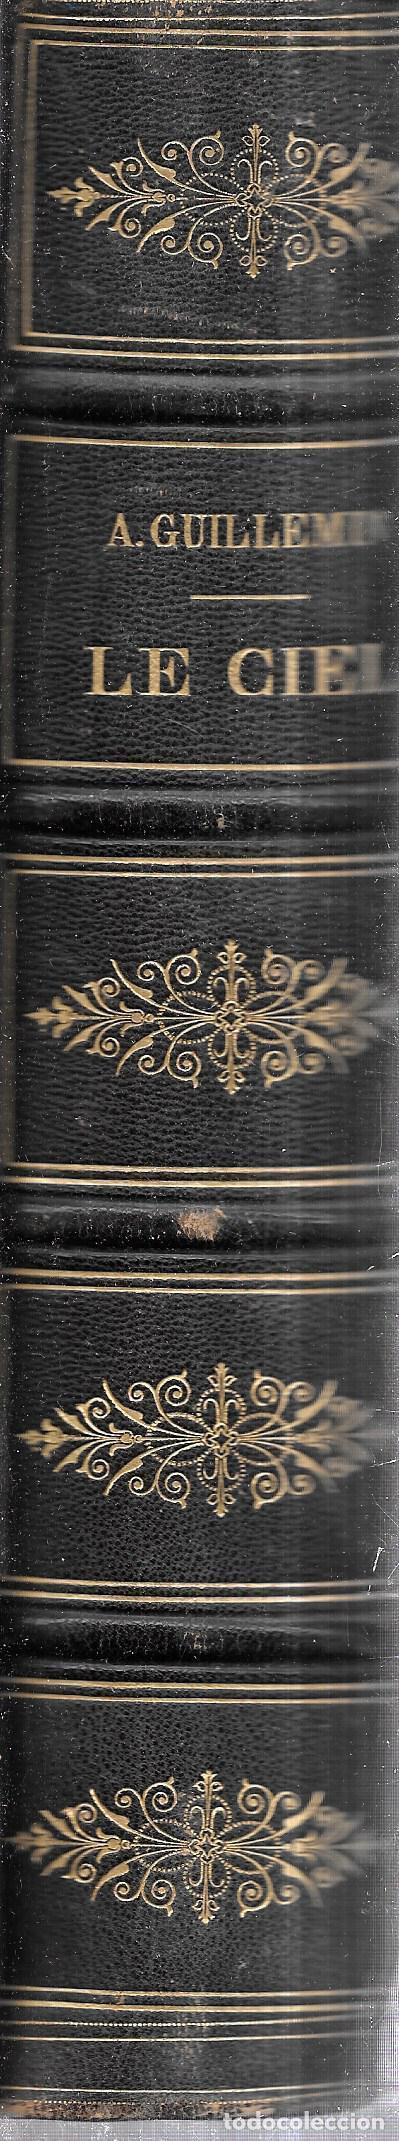 Libros antiguos: LE CIEL NOTIONS D´ASTRONOMIE. PAR AMEDEE GUILLEMIN. TROISIEME EDITION.LIBRAIRIE DE L. HACHETTE .1866 - Foto 6 - 116998467